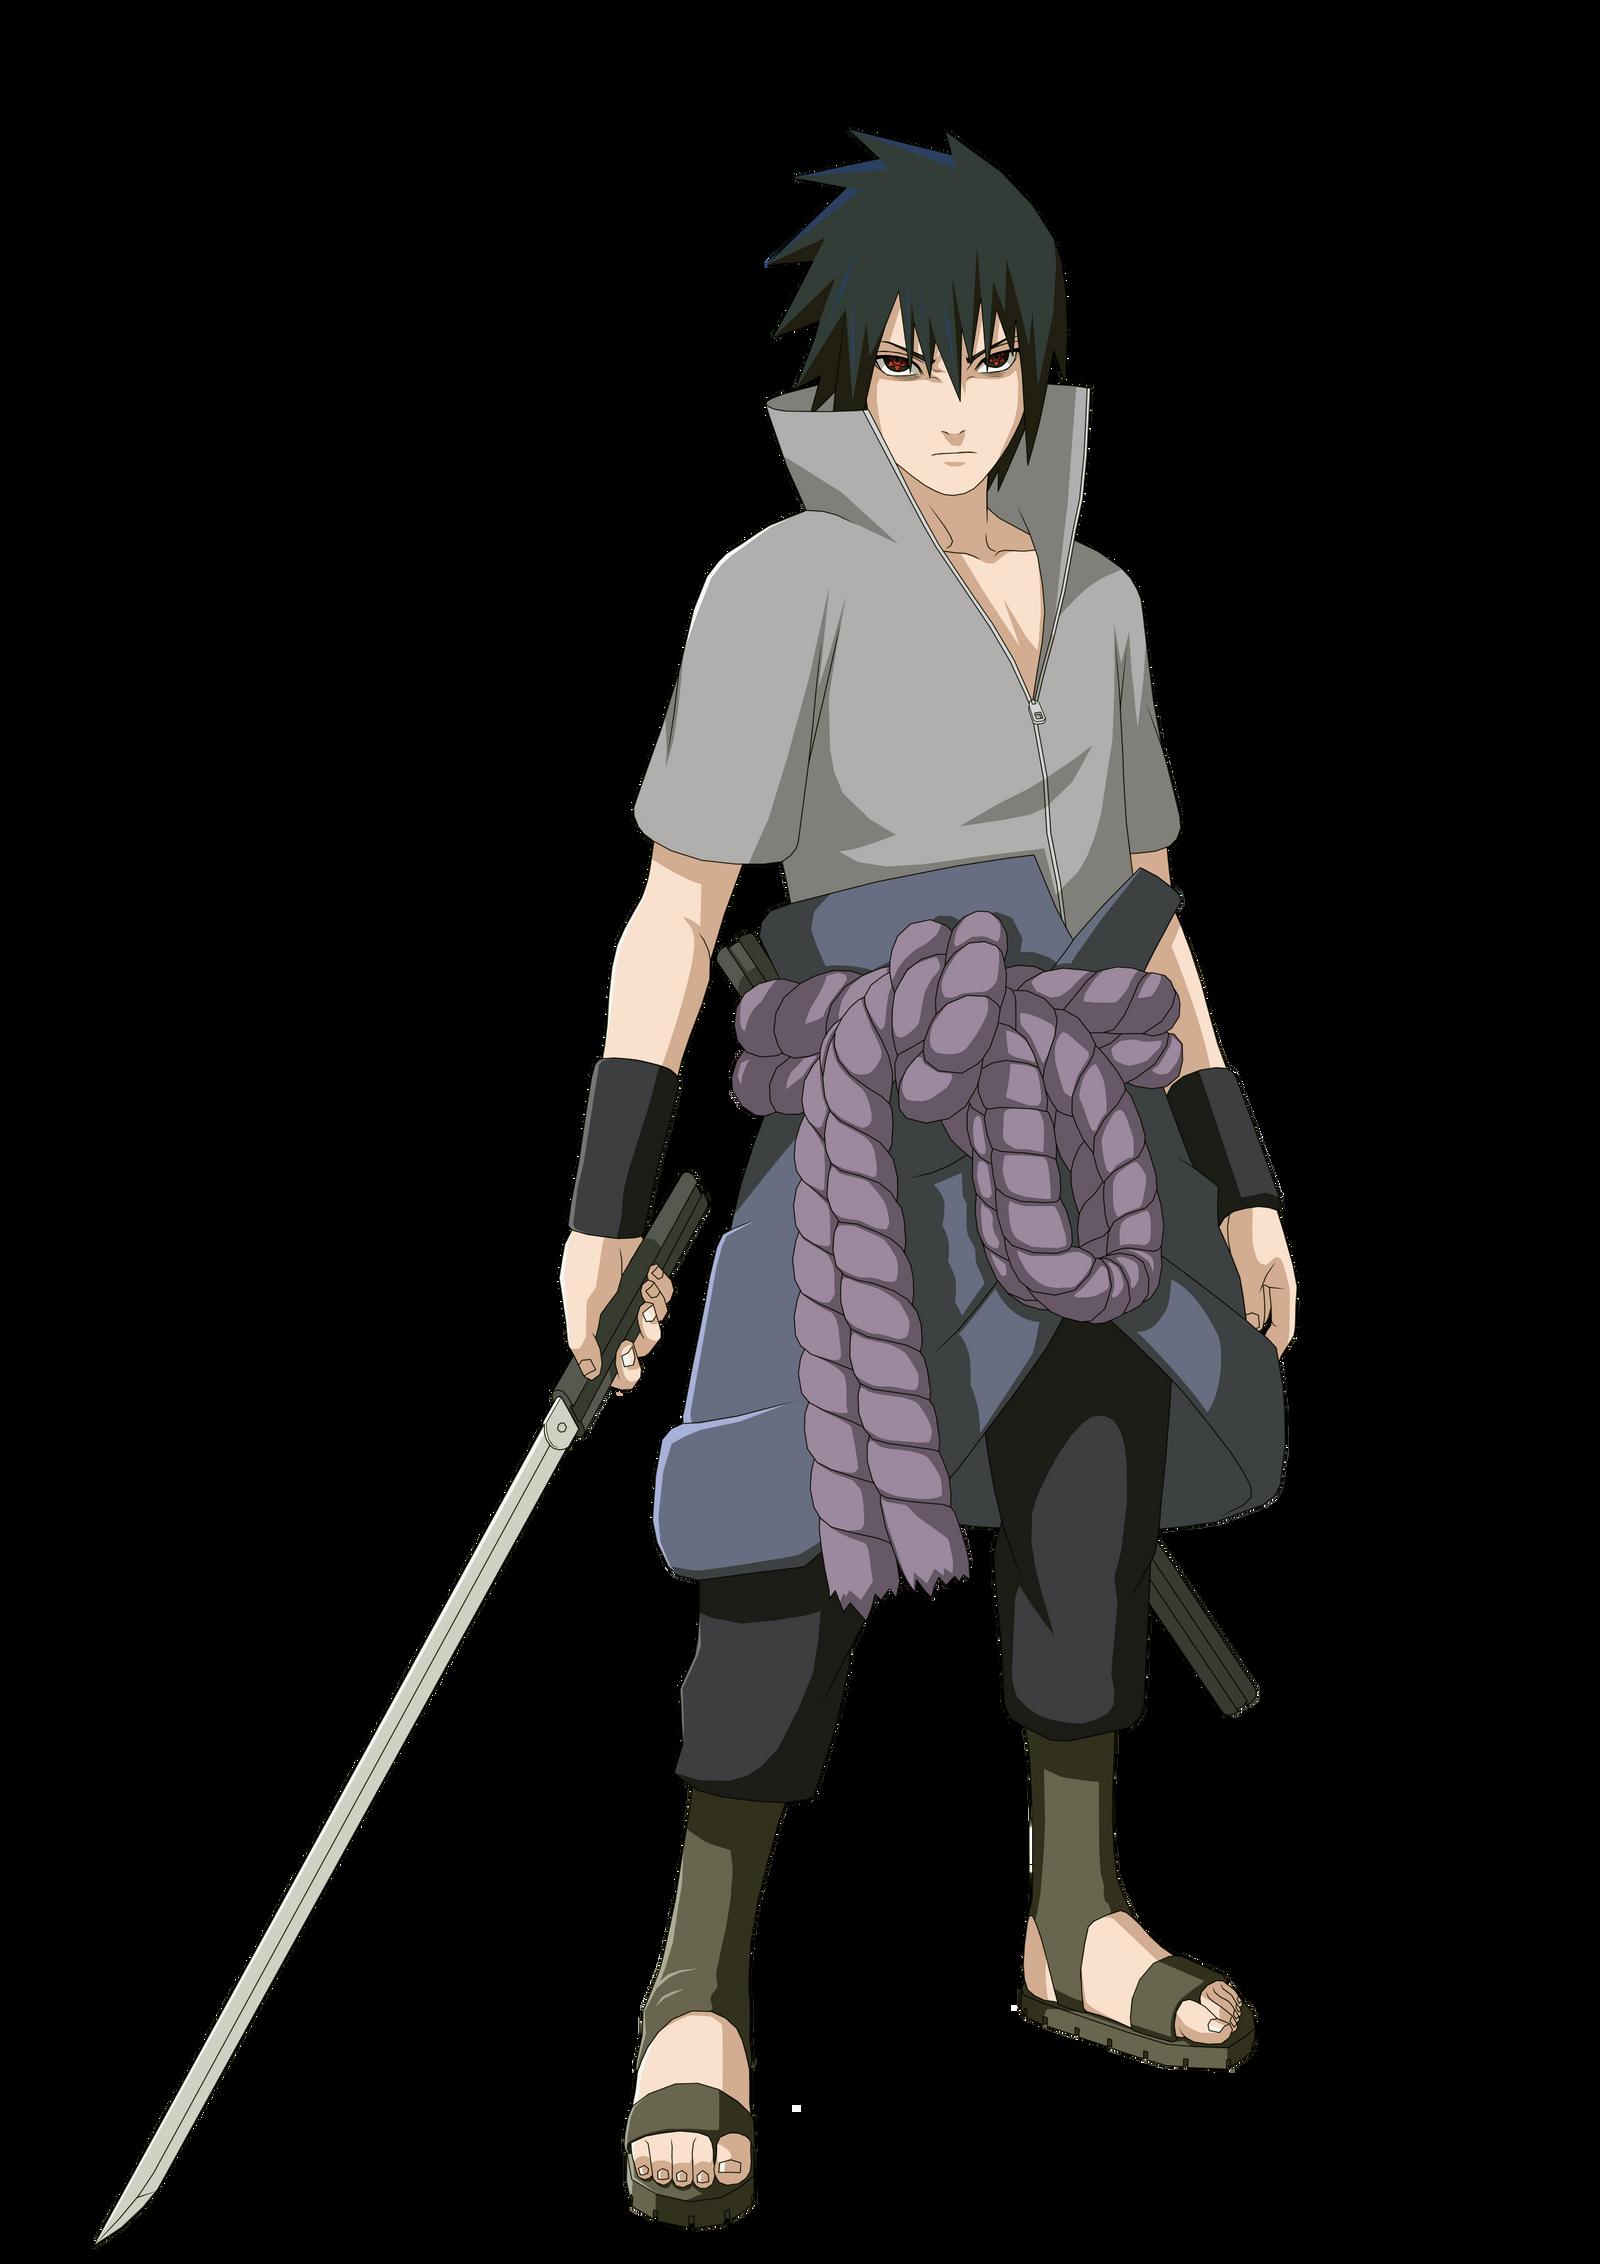 Sasuke Uchiha Mangekyo Sharingan by isacmodesto on DeviantArt - Sasuke in Naruto